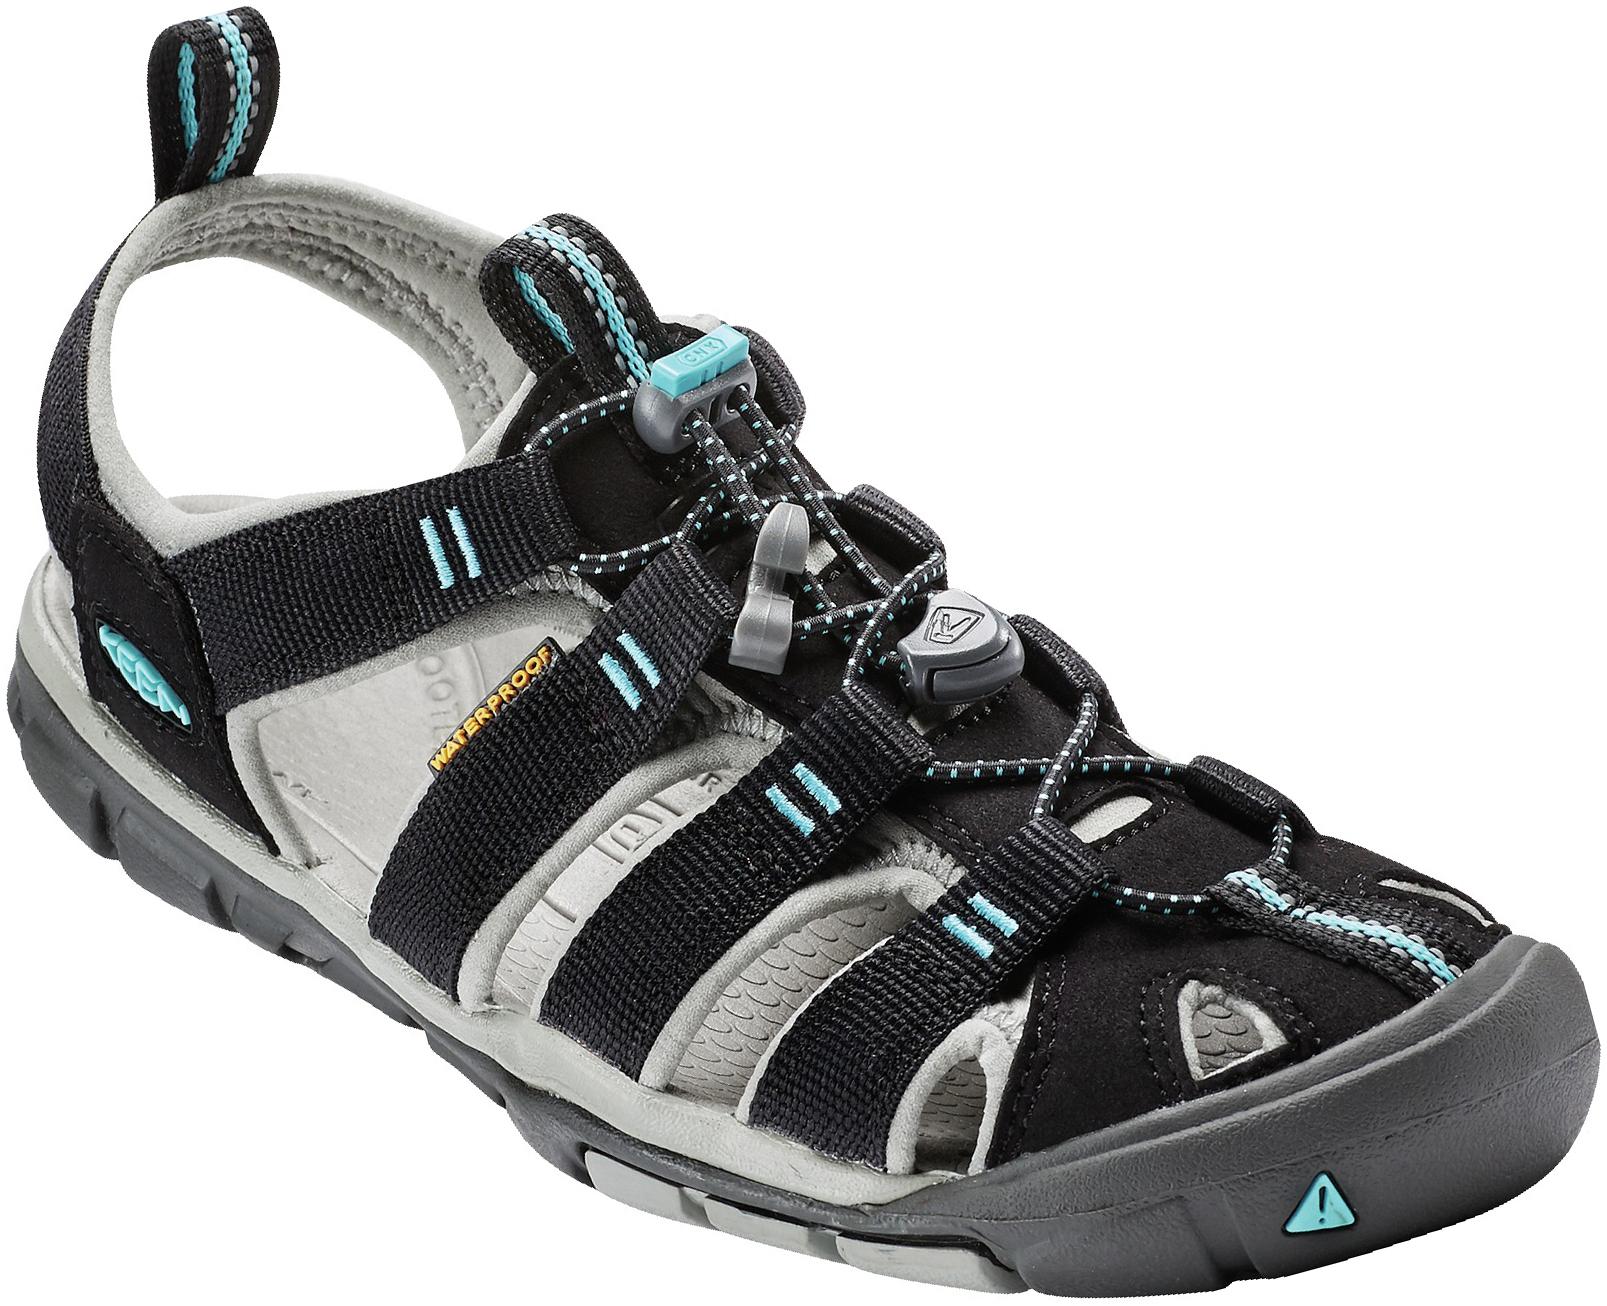 0db5e9ec94b785 Keen Clearwater CNX Sandals - Women s